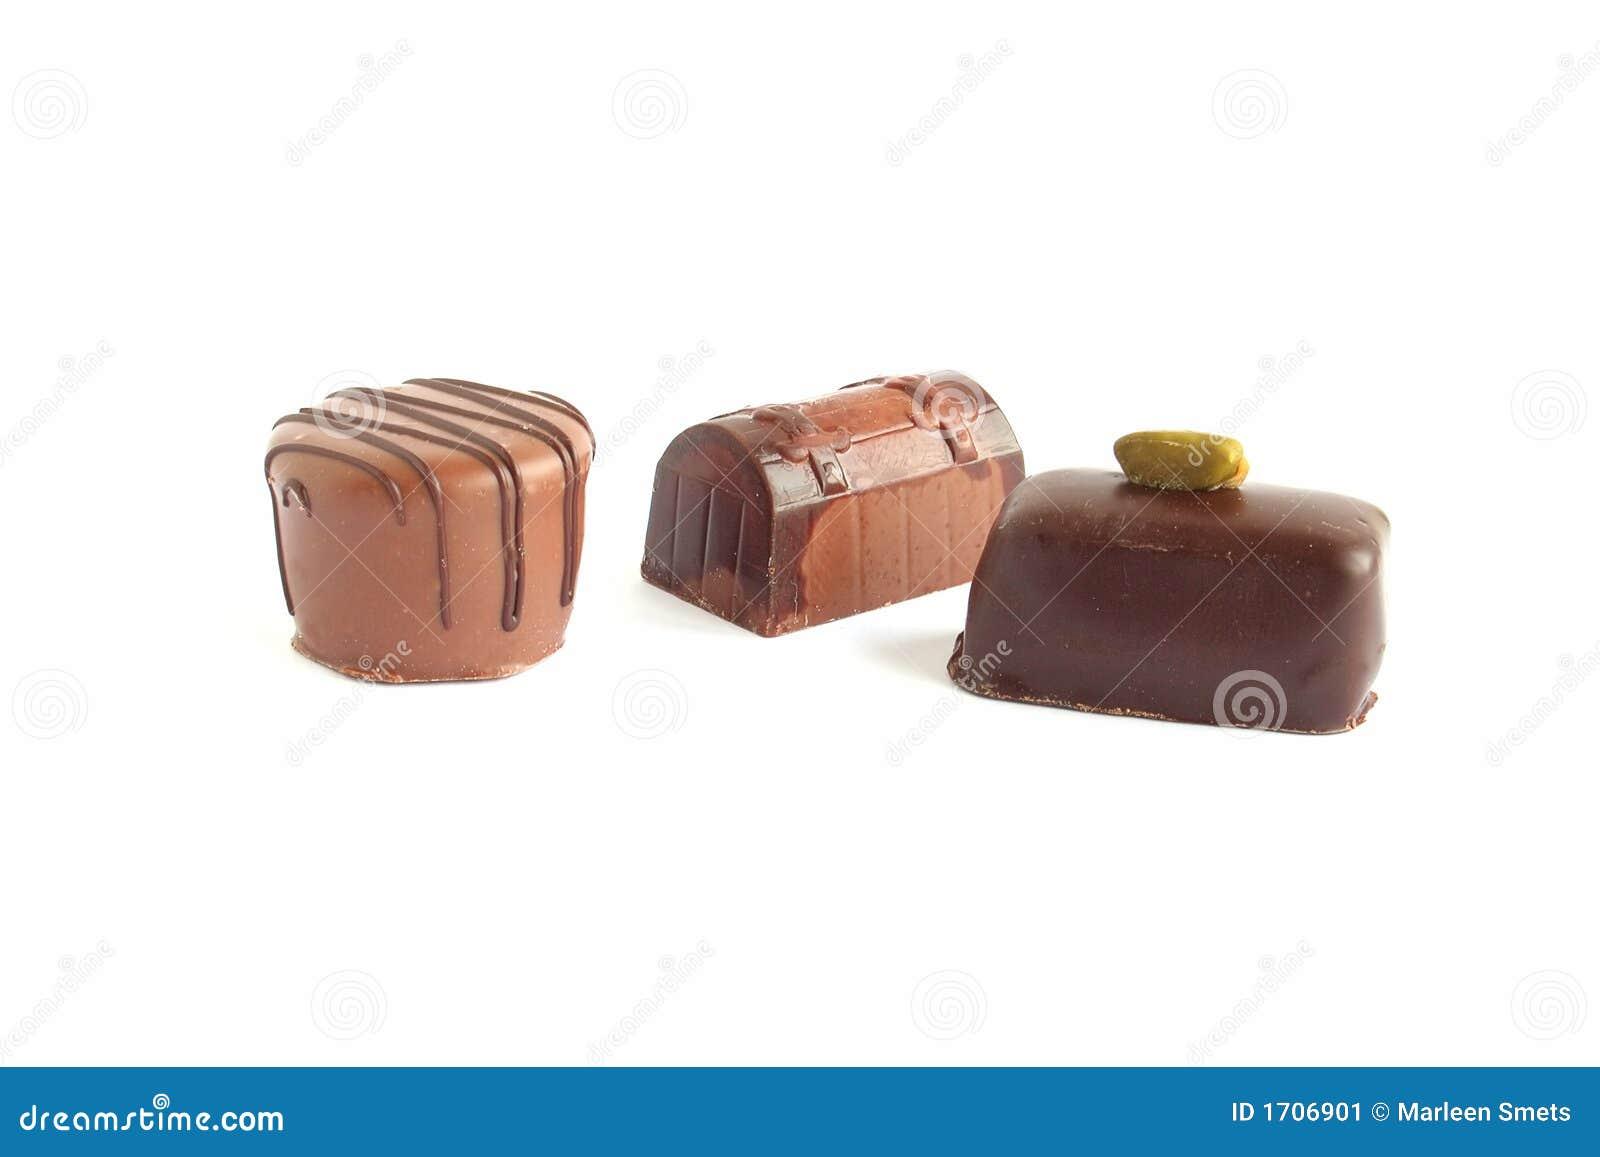 Chocolatte trufle brown